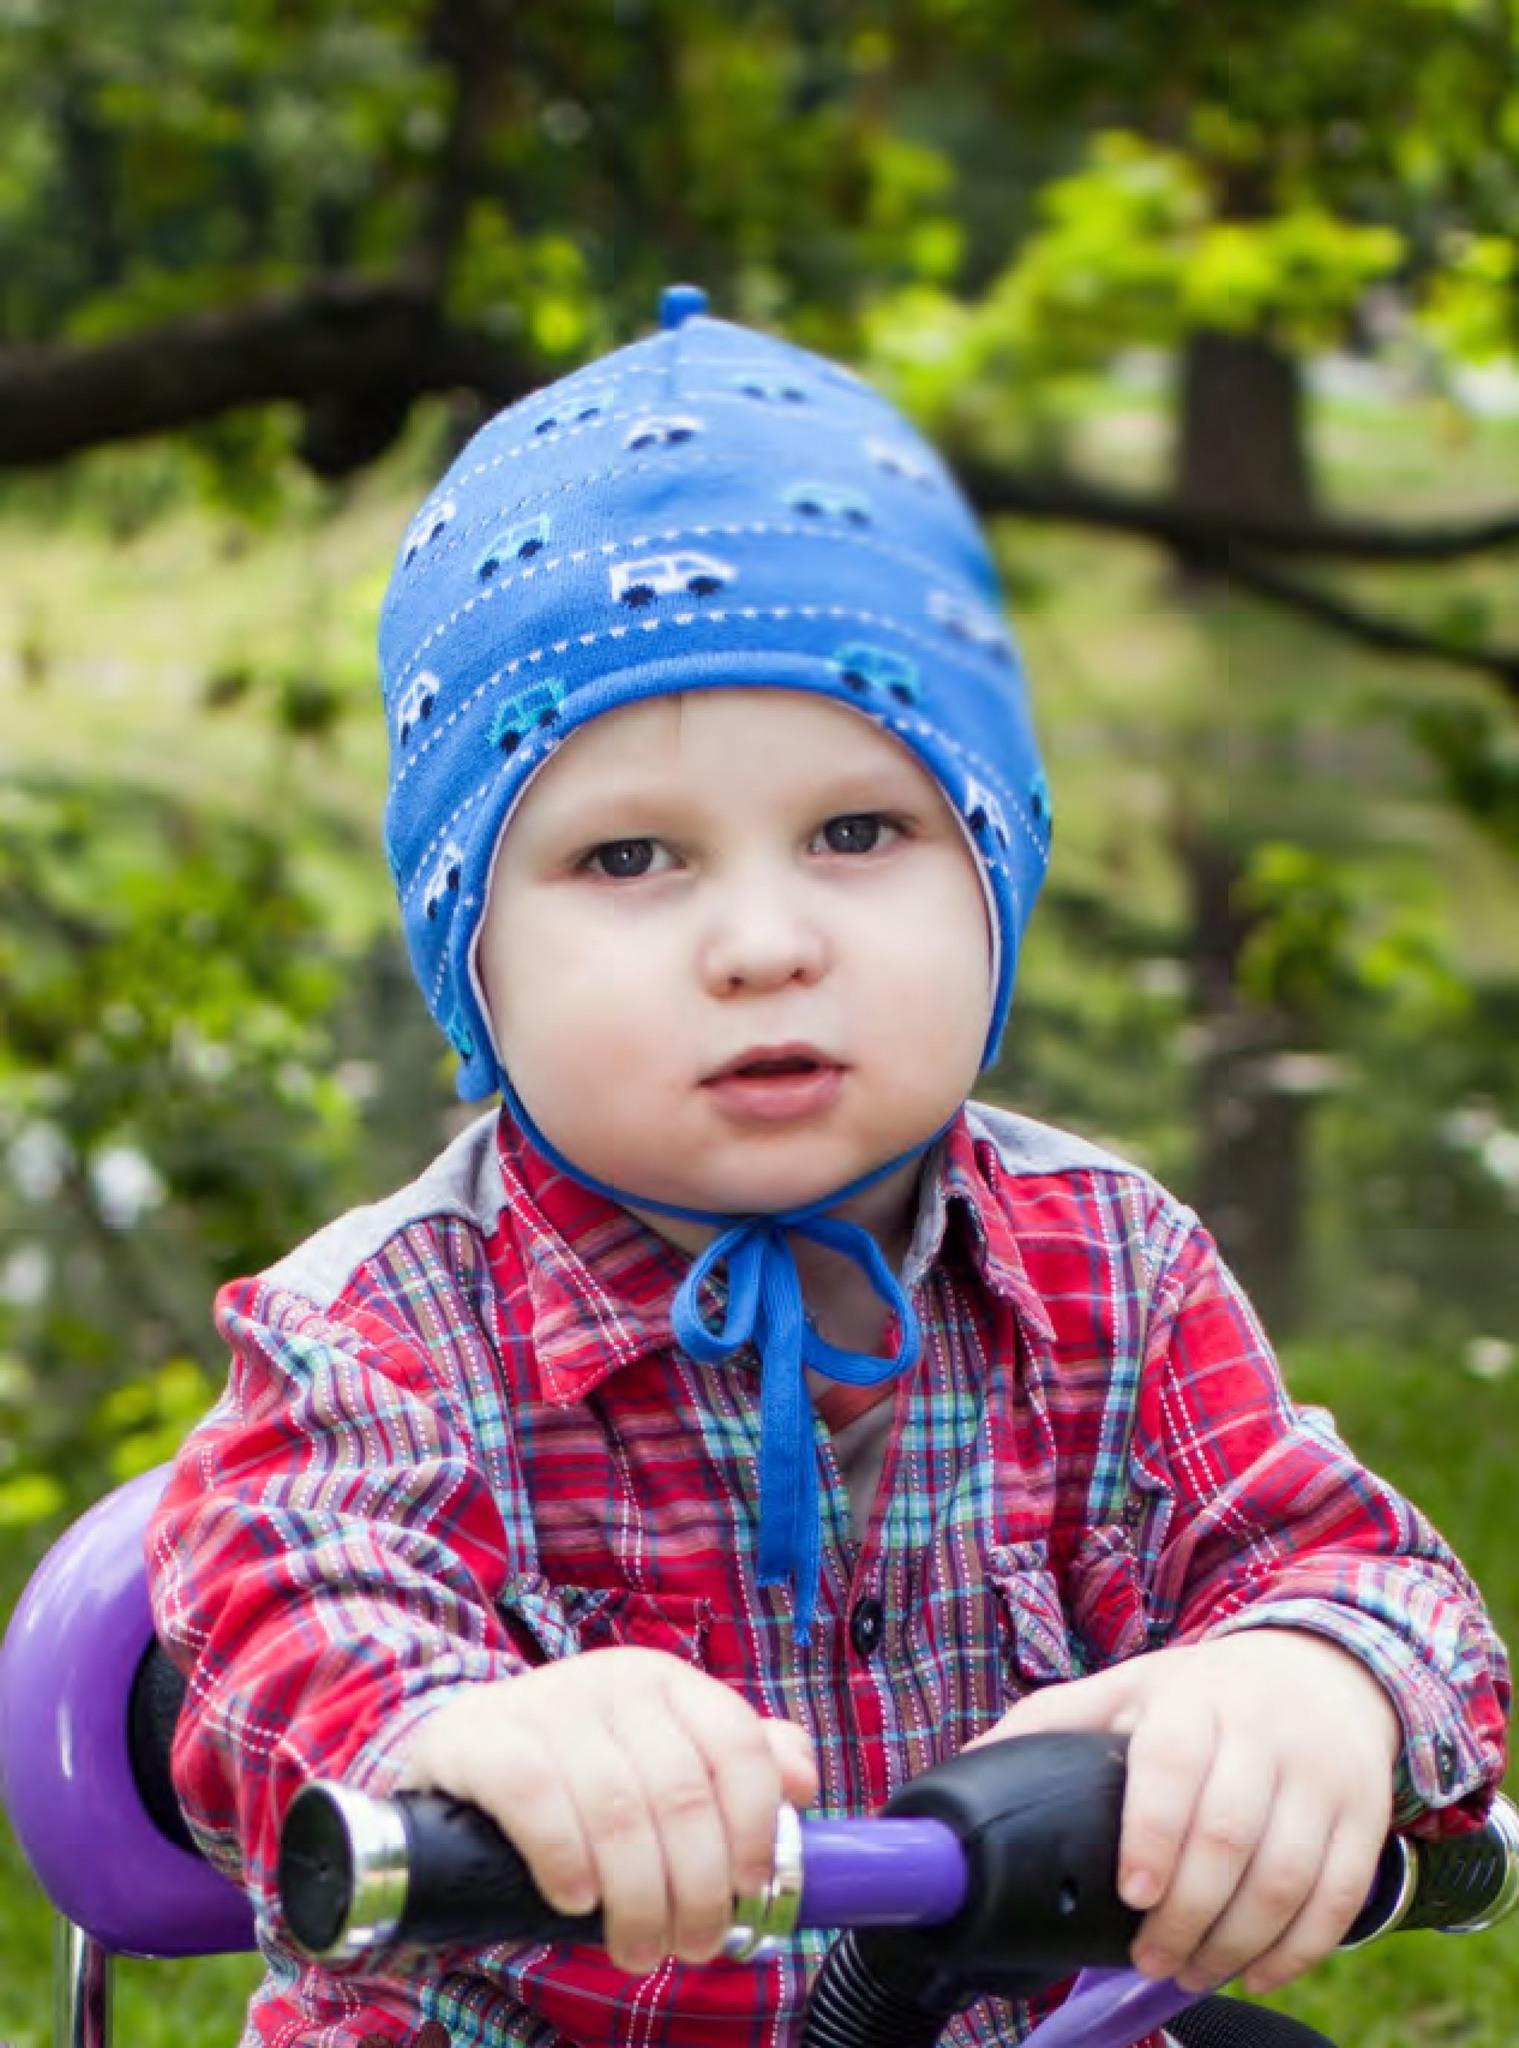 Шапка для мальчика с завязками хорошо облегает голову и закрывает уши.